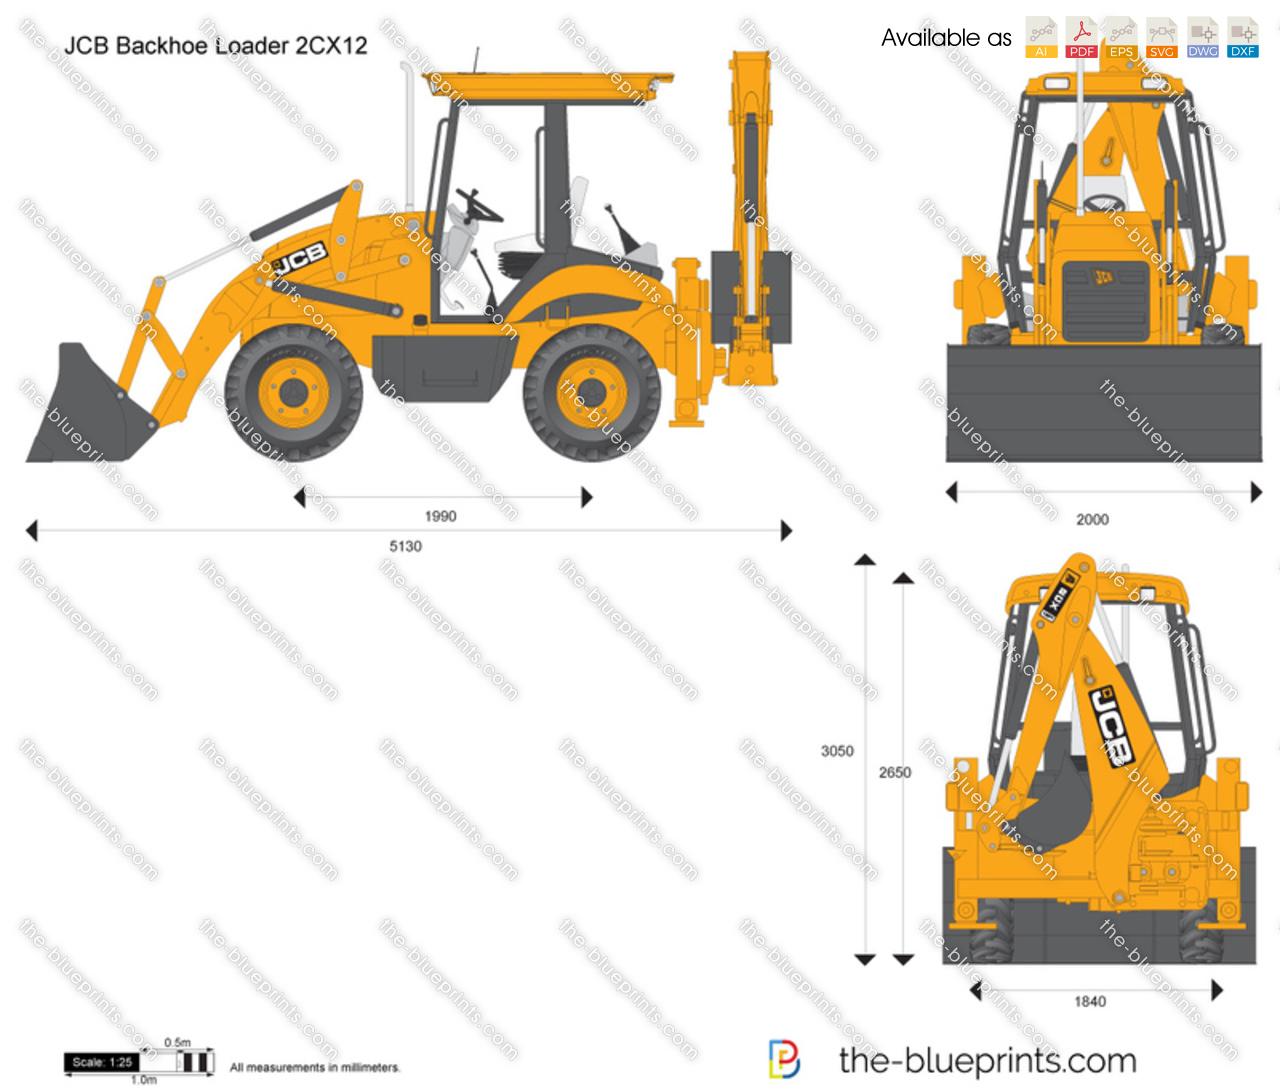 JCB 2CX12 Backhoe Loader